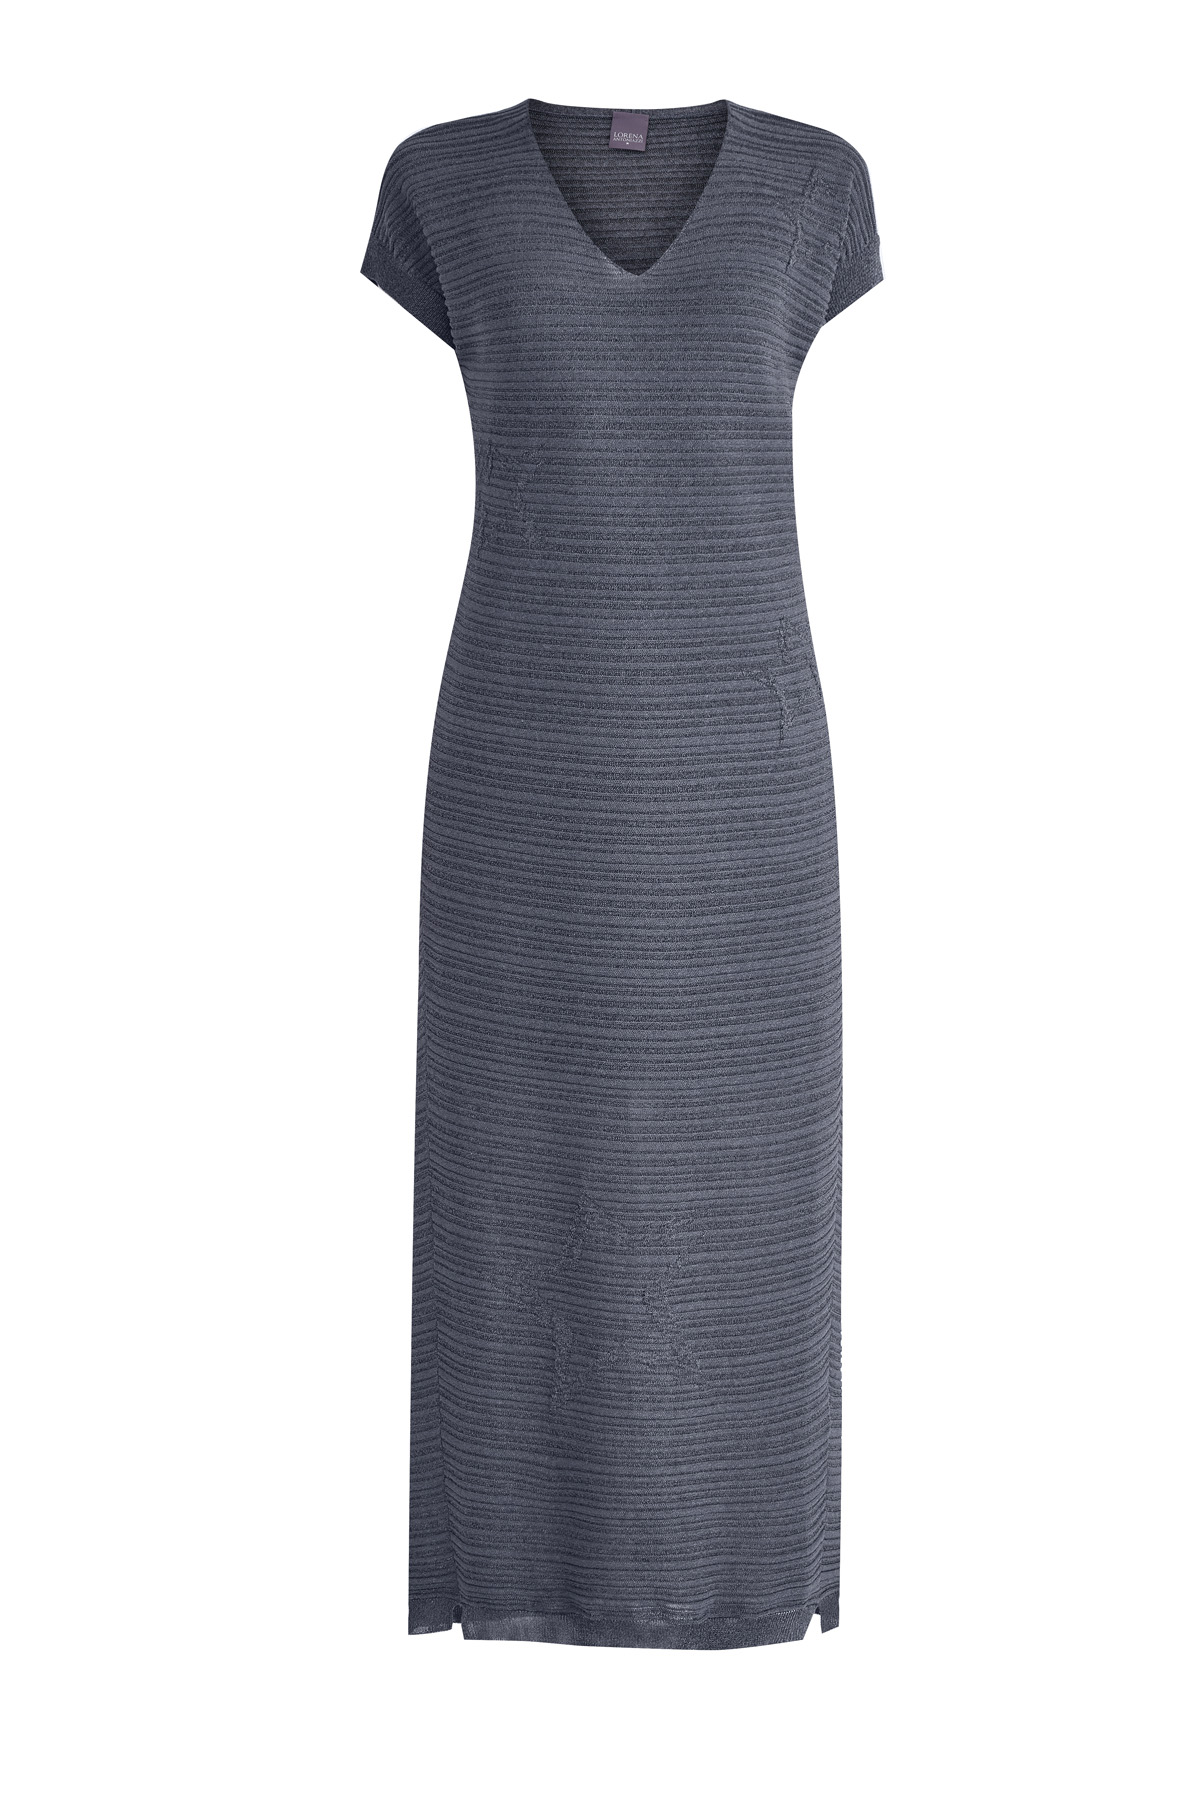 Купить Платье, LORENA ANTONIAZZI, Италия, вискоза 52%, полиэстер 48%, хлопок 90%, полиэстер 10%